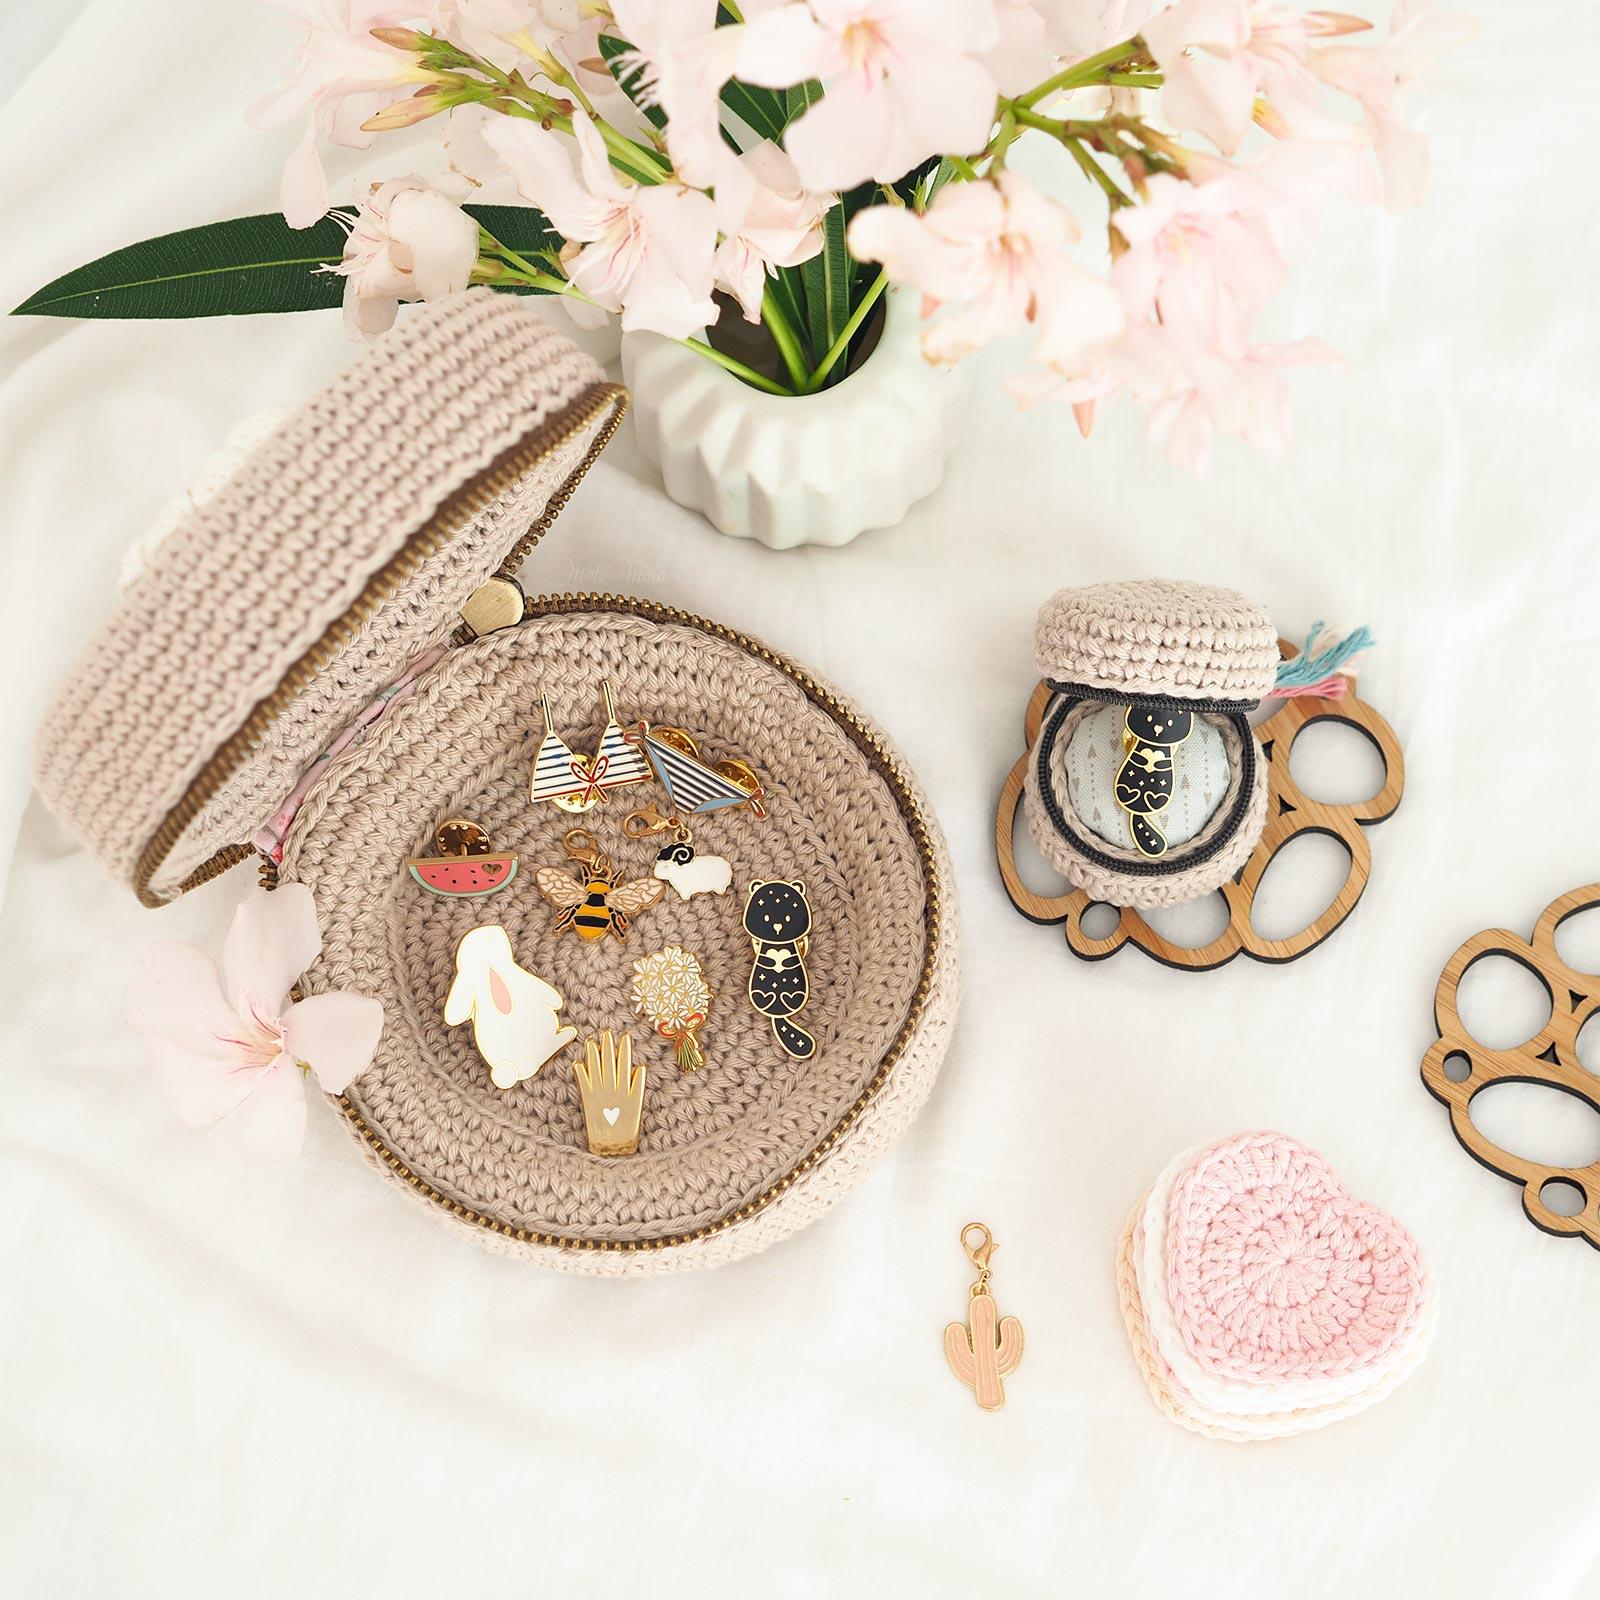 crochet écrins trésors chouettekit coton ricorumi laboutiquedemelimelo